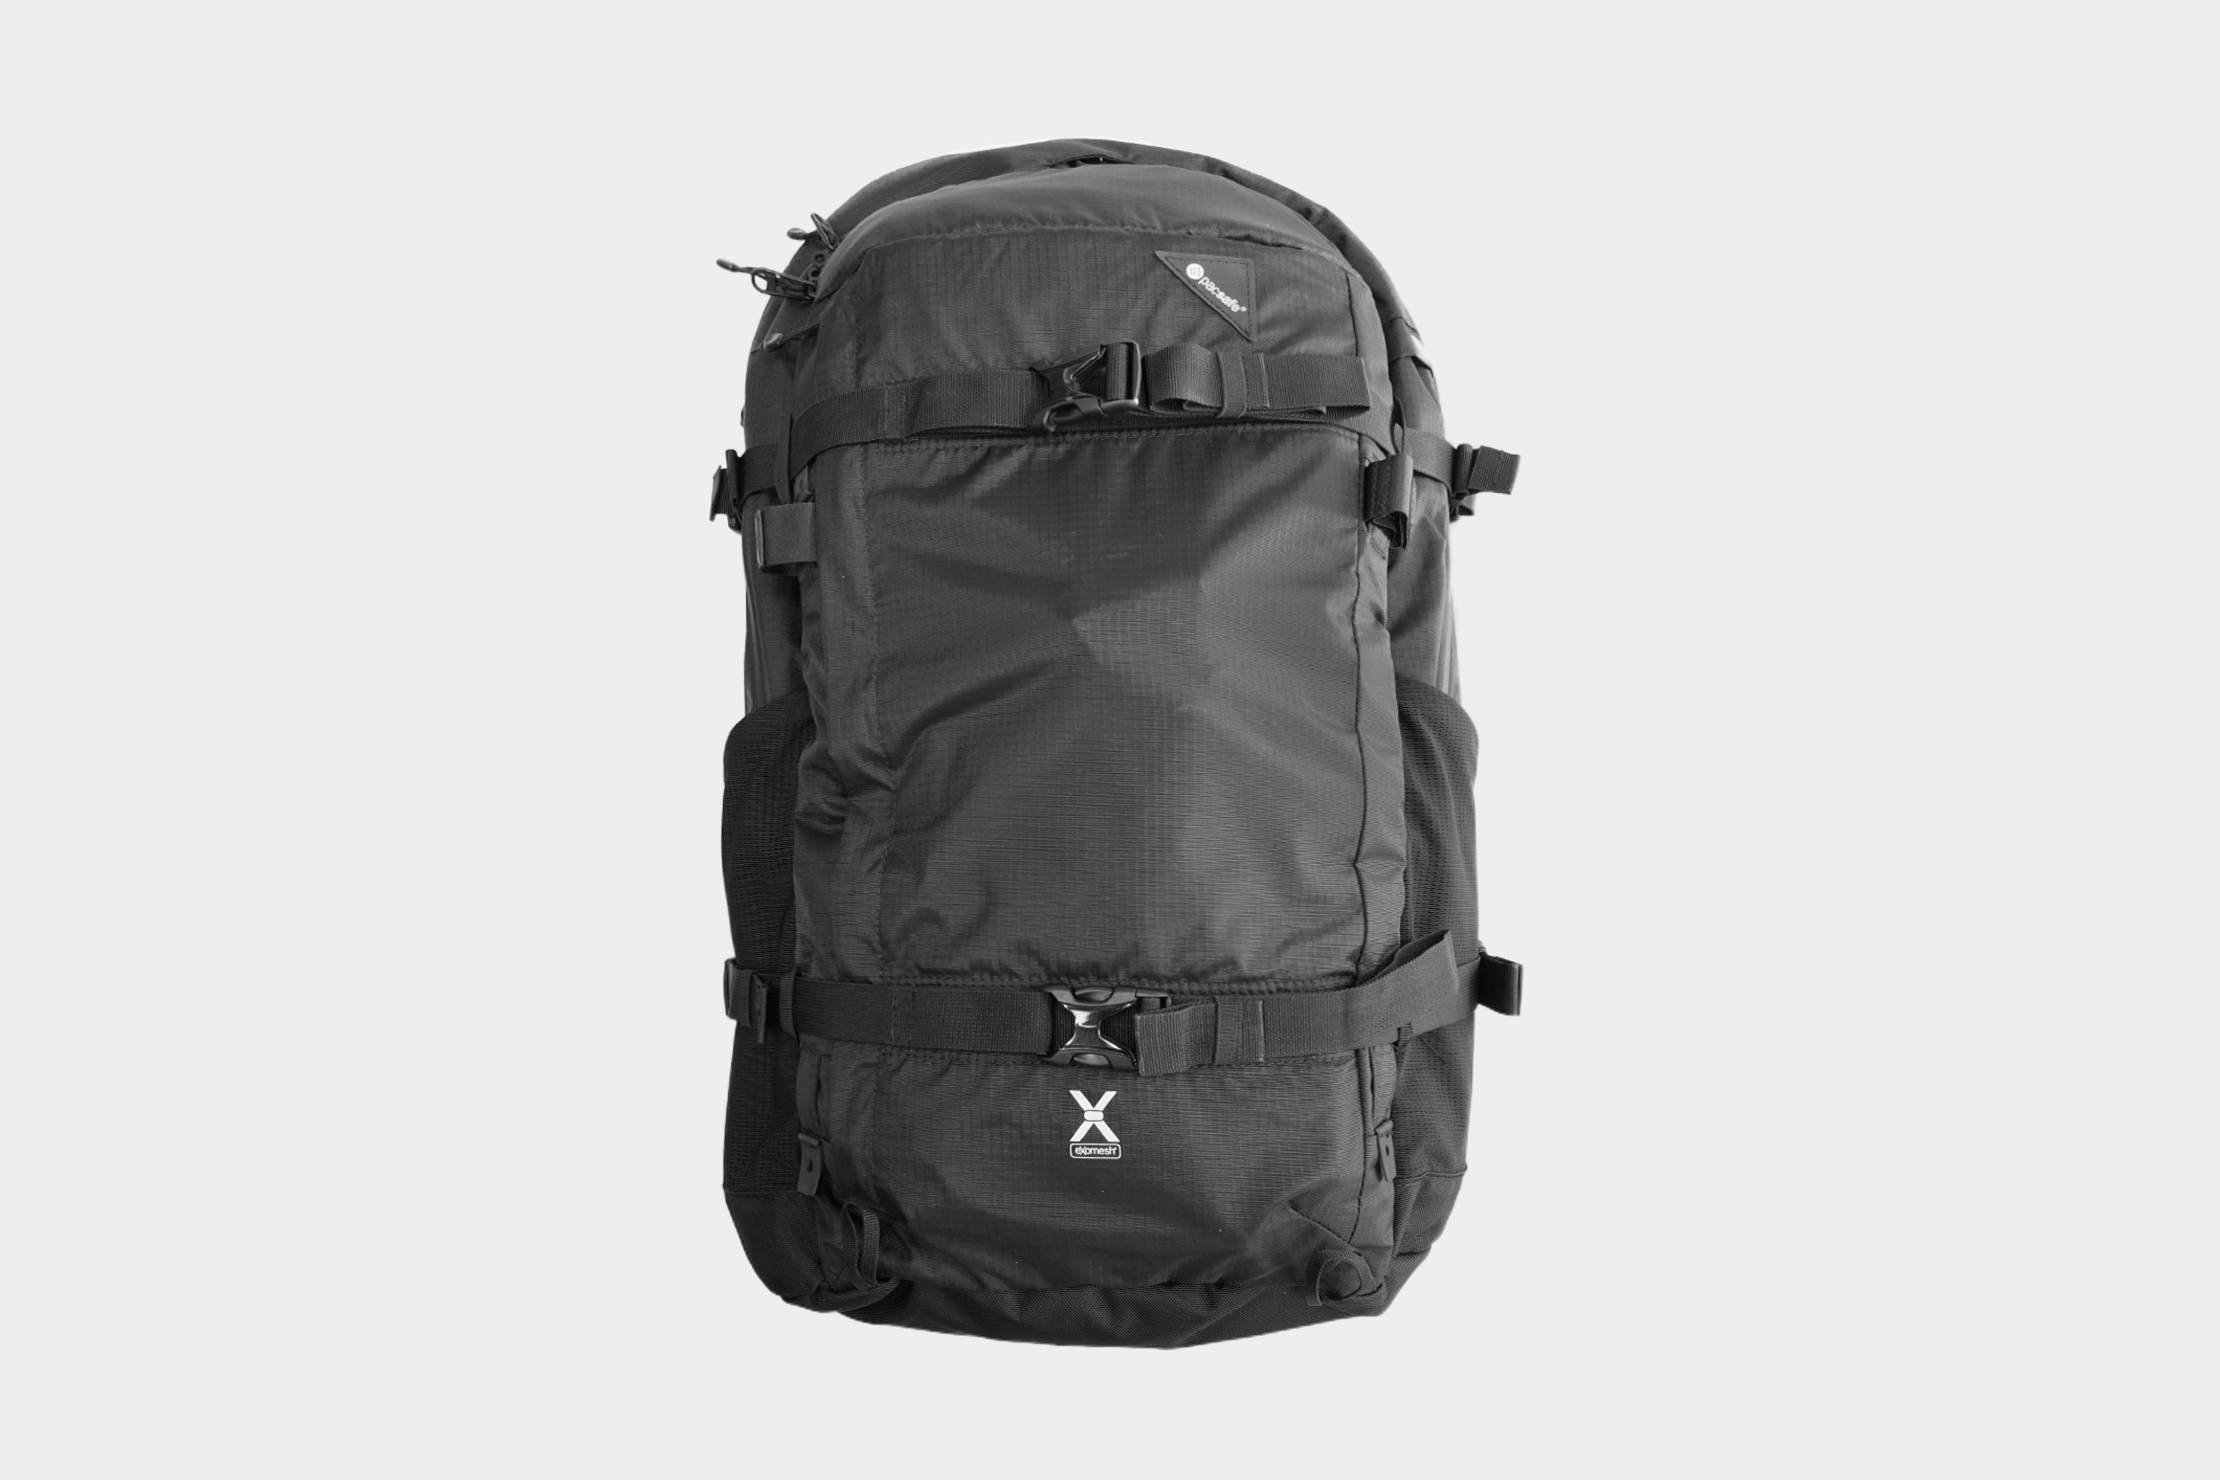 Pacsafe Venturesafe X40 Anti-Theft Backpack